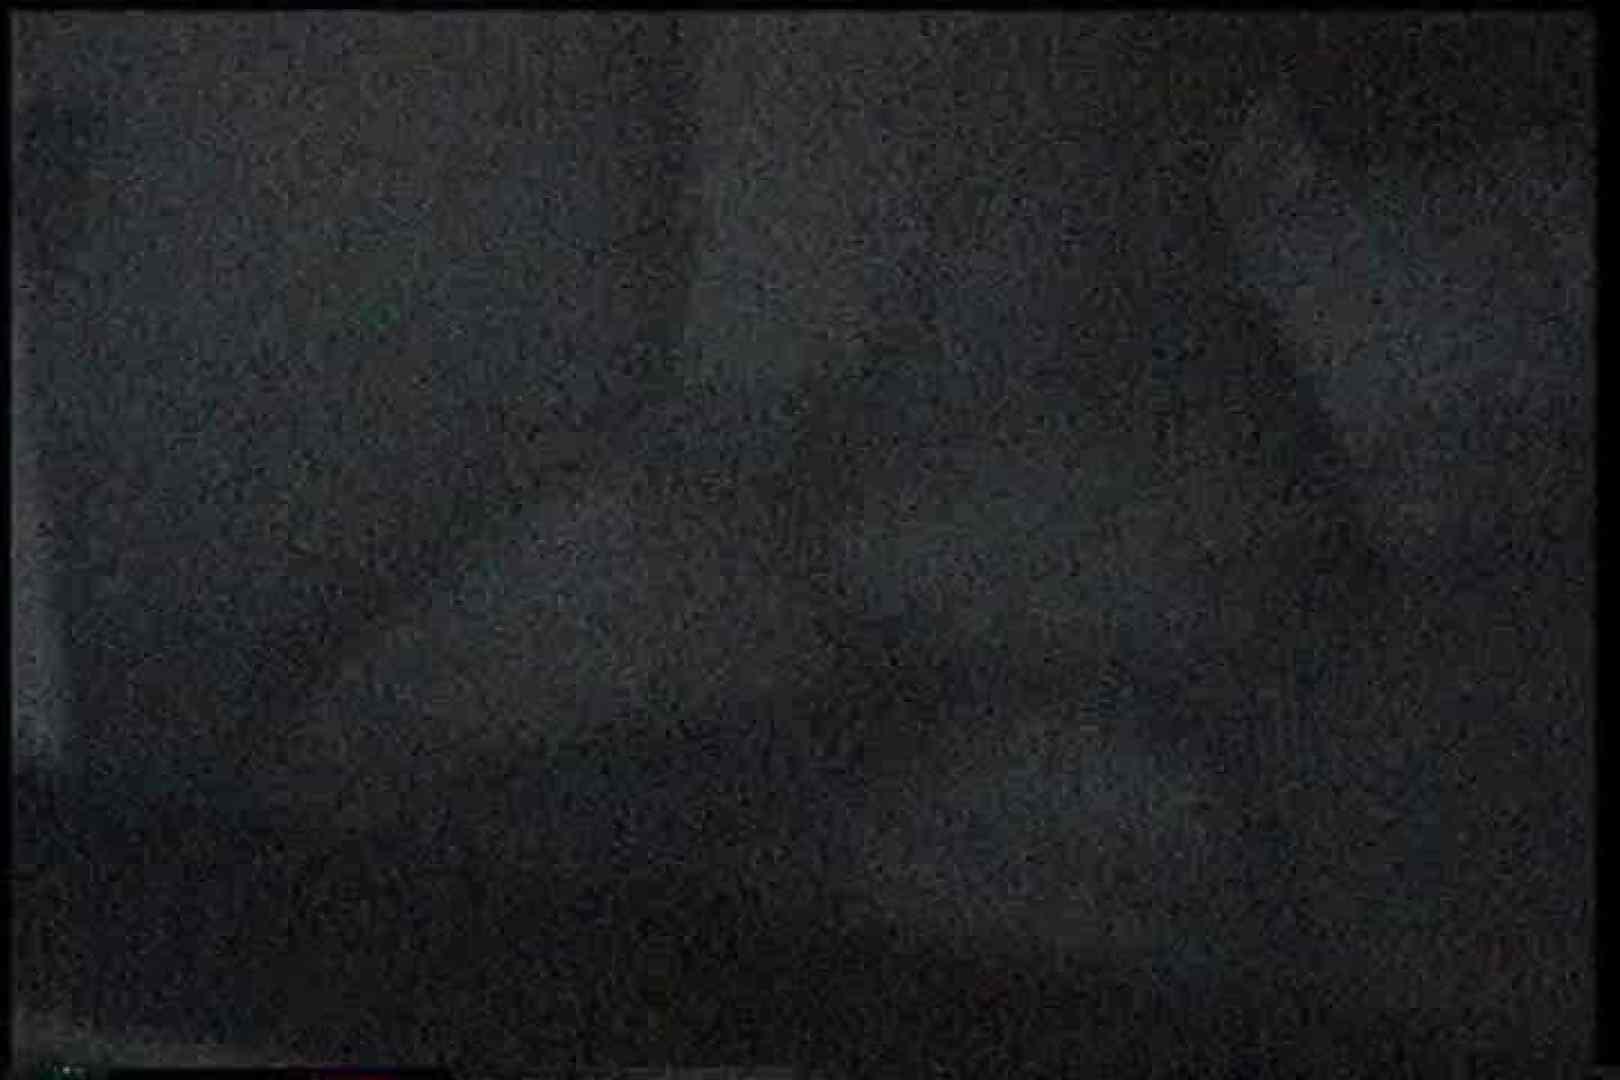 充血監督の深夜の運動会Vol.162 フェラ | OLヌード天国  88PIX 87